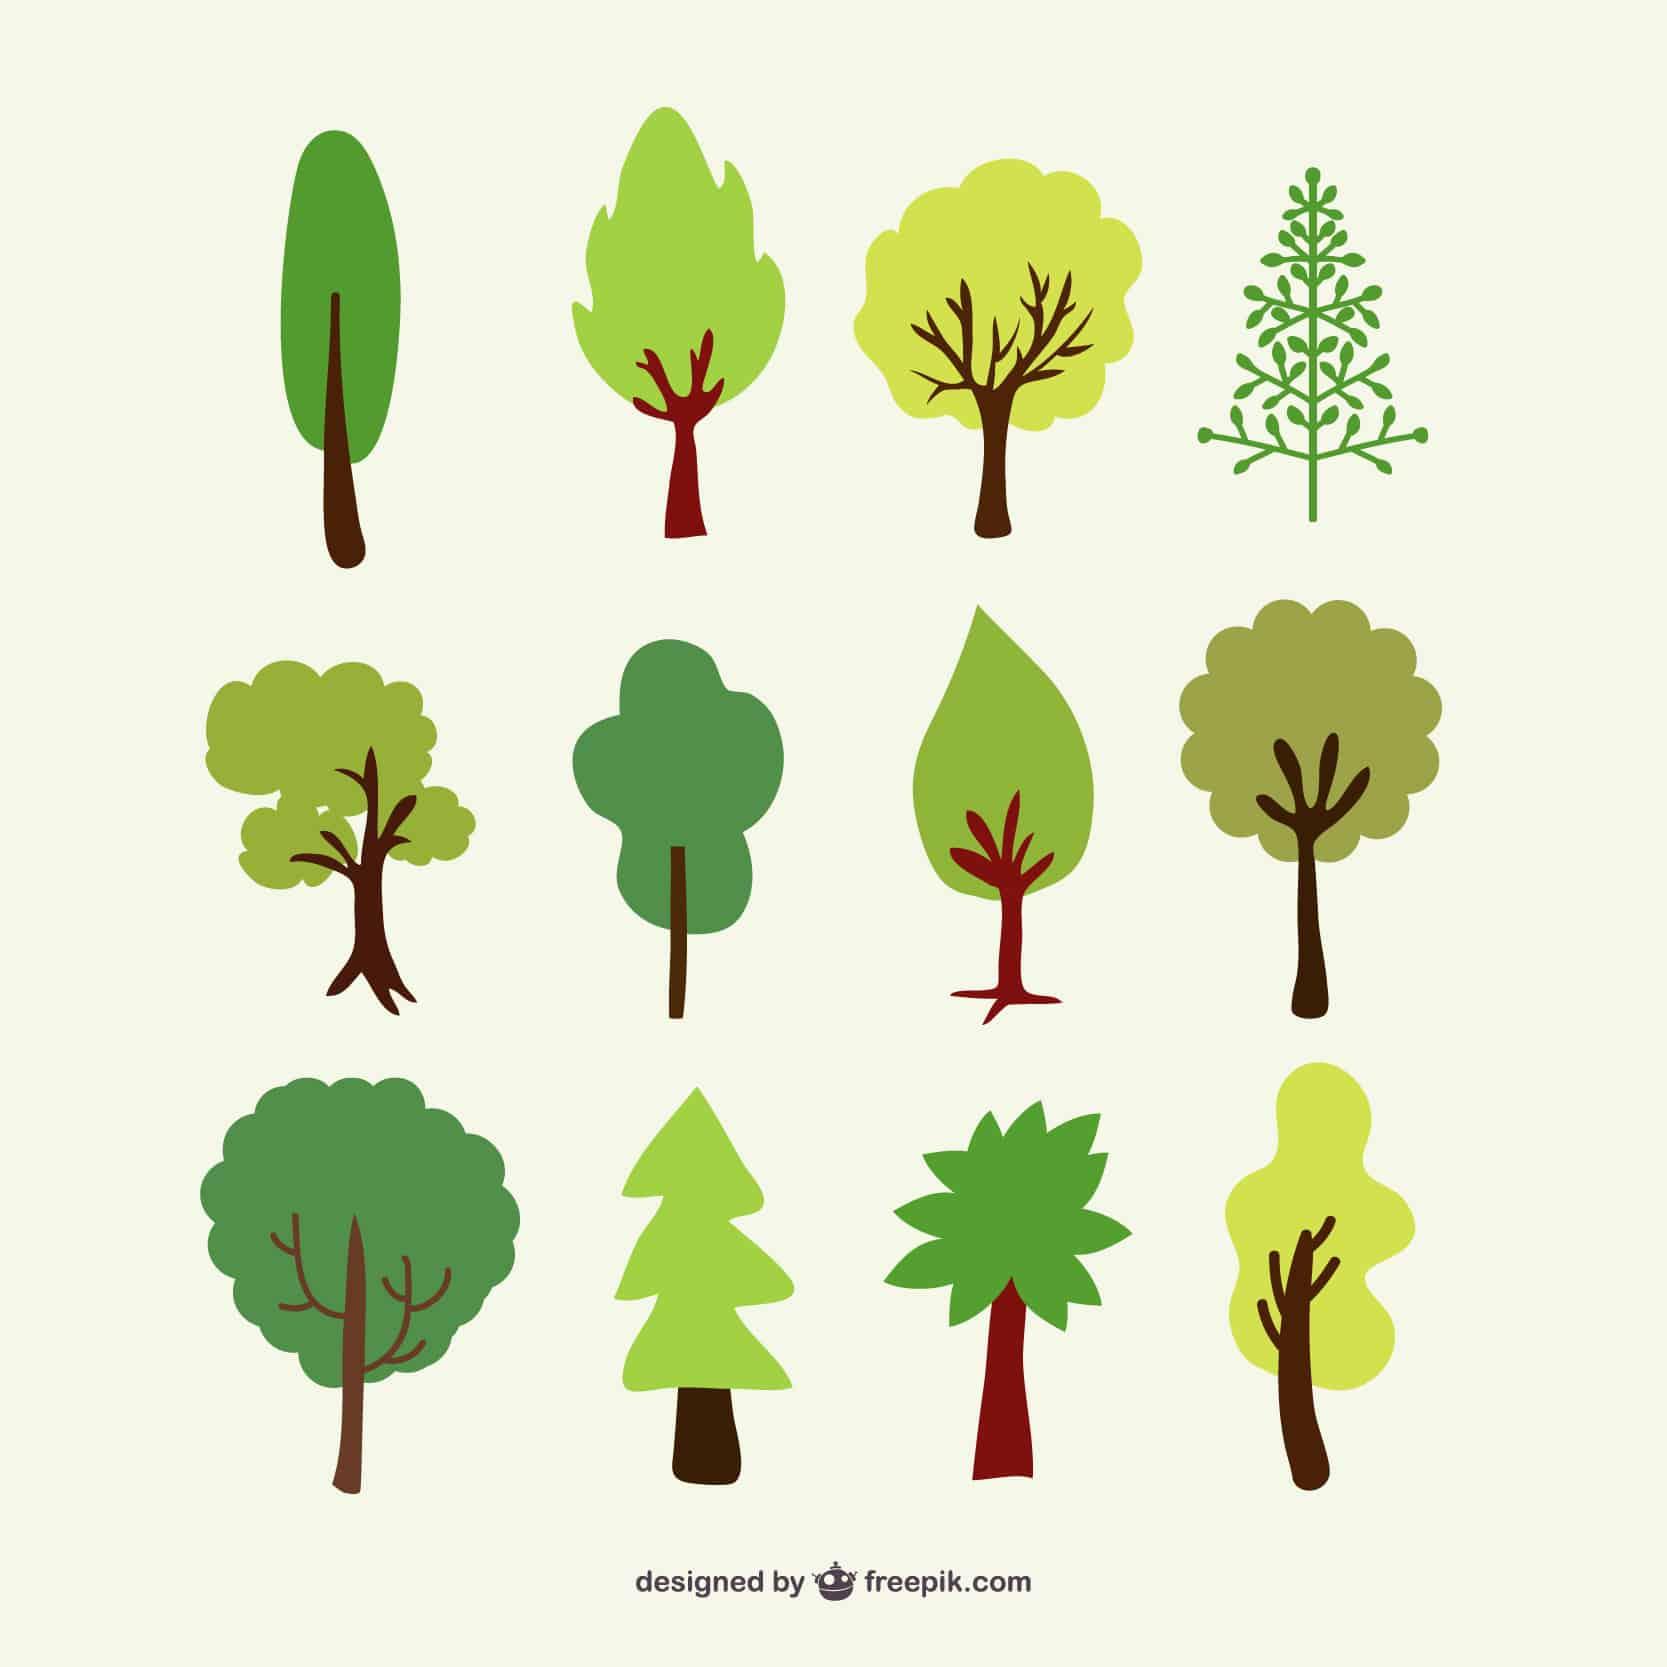 """6 noves contractacions a Cunit en el marc del projecte """"Neteja de boscos i condicionament d'espais públics"""" del Programa Treball i Formació 2015."""